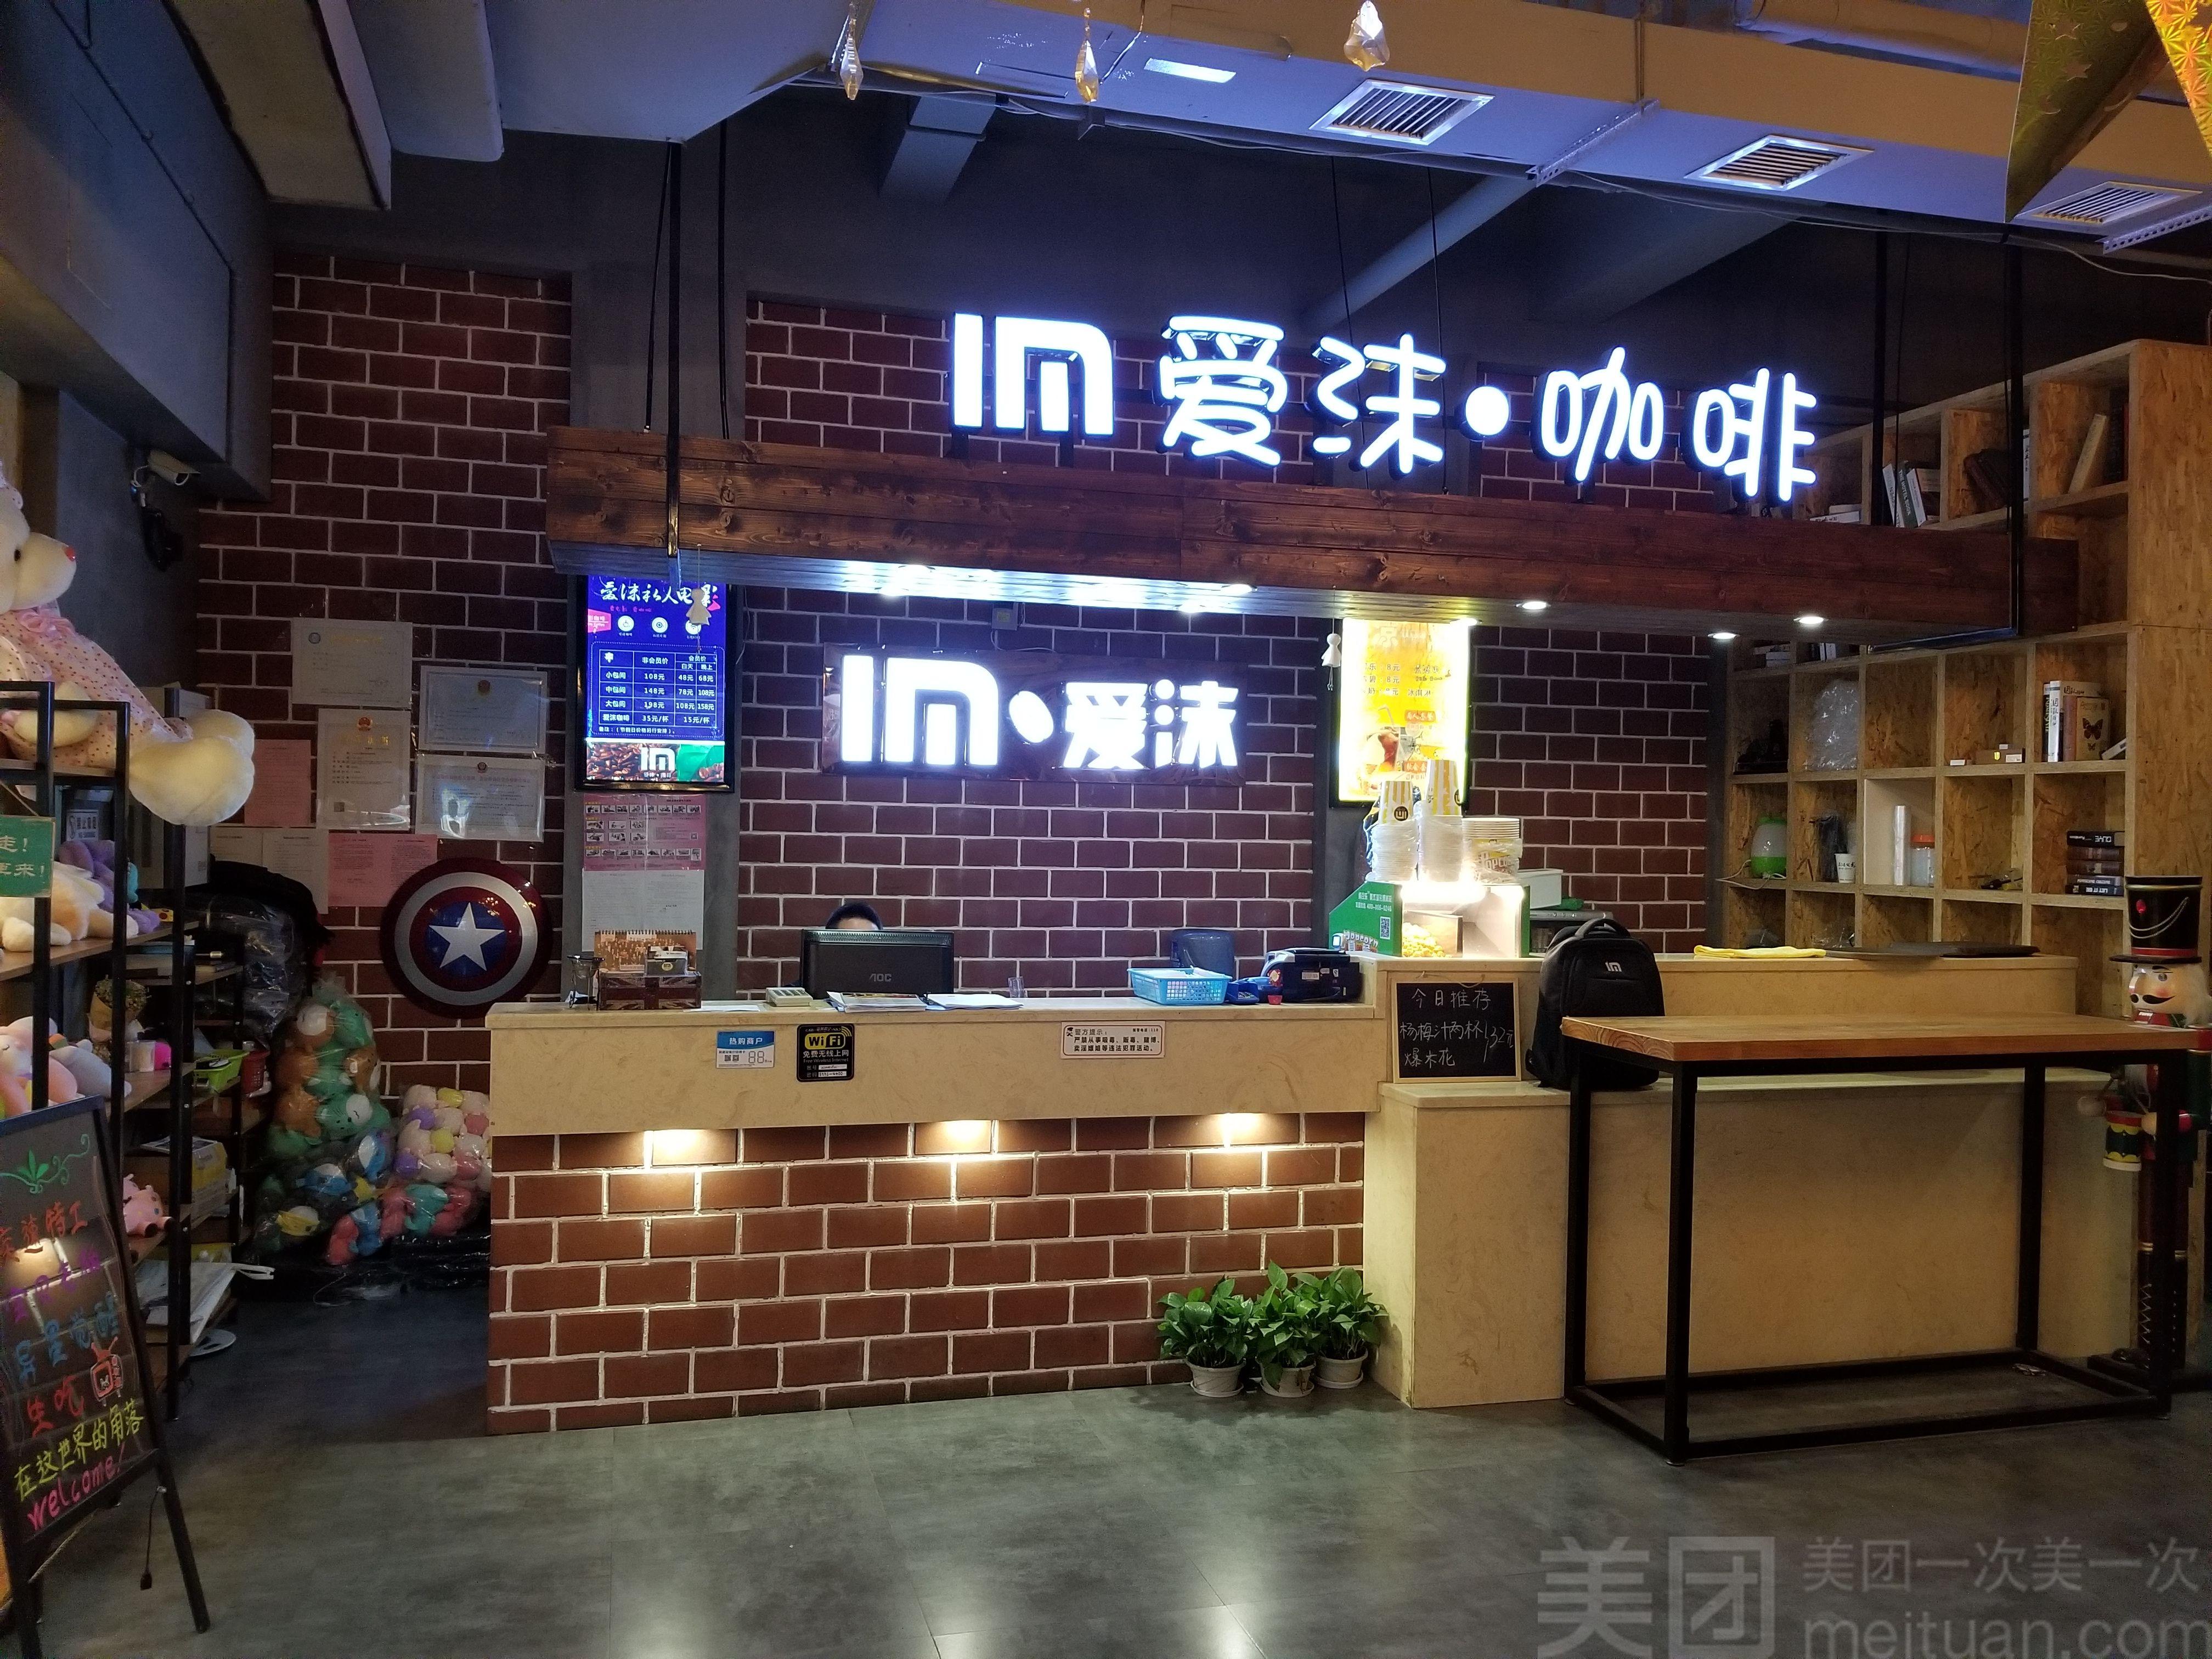 美团网:长沙今日电影团购:【爱沫·咖啡·电影】5到6人中号包厢观影一次